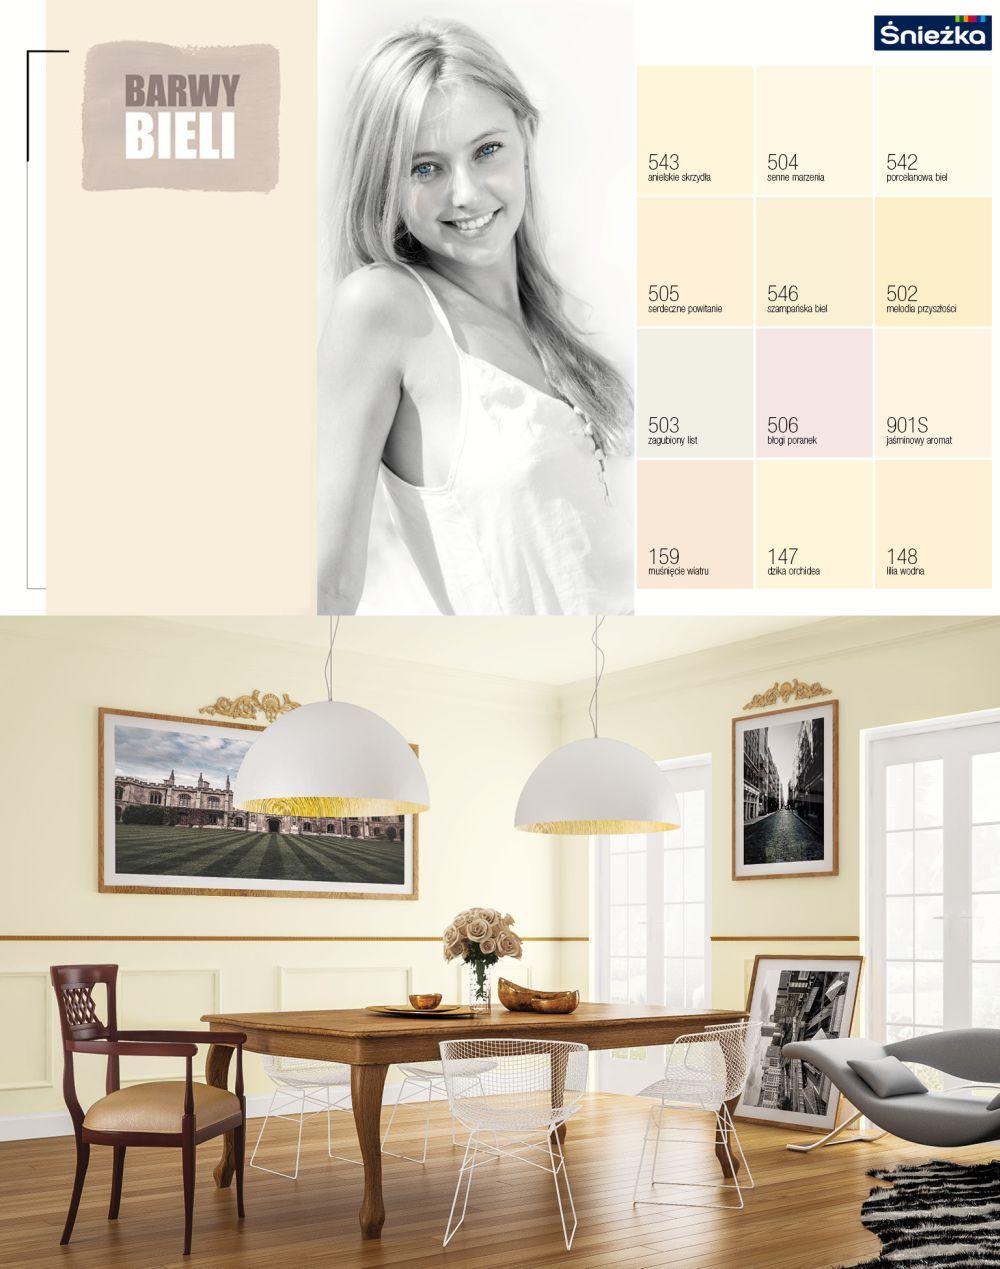 Trendy kolorystyczne 2014 -barwy bieli